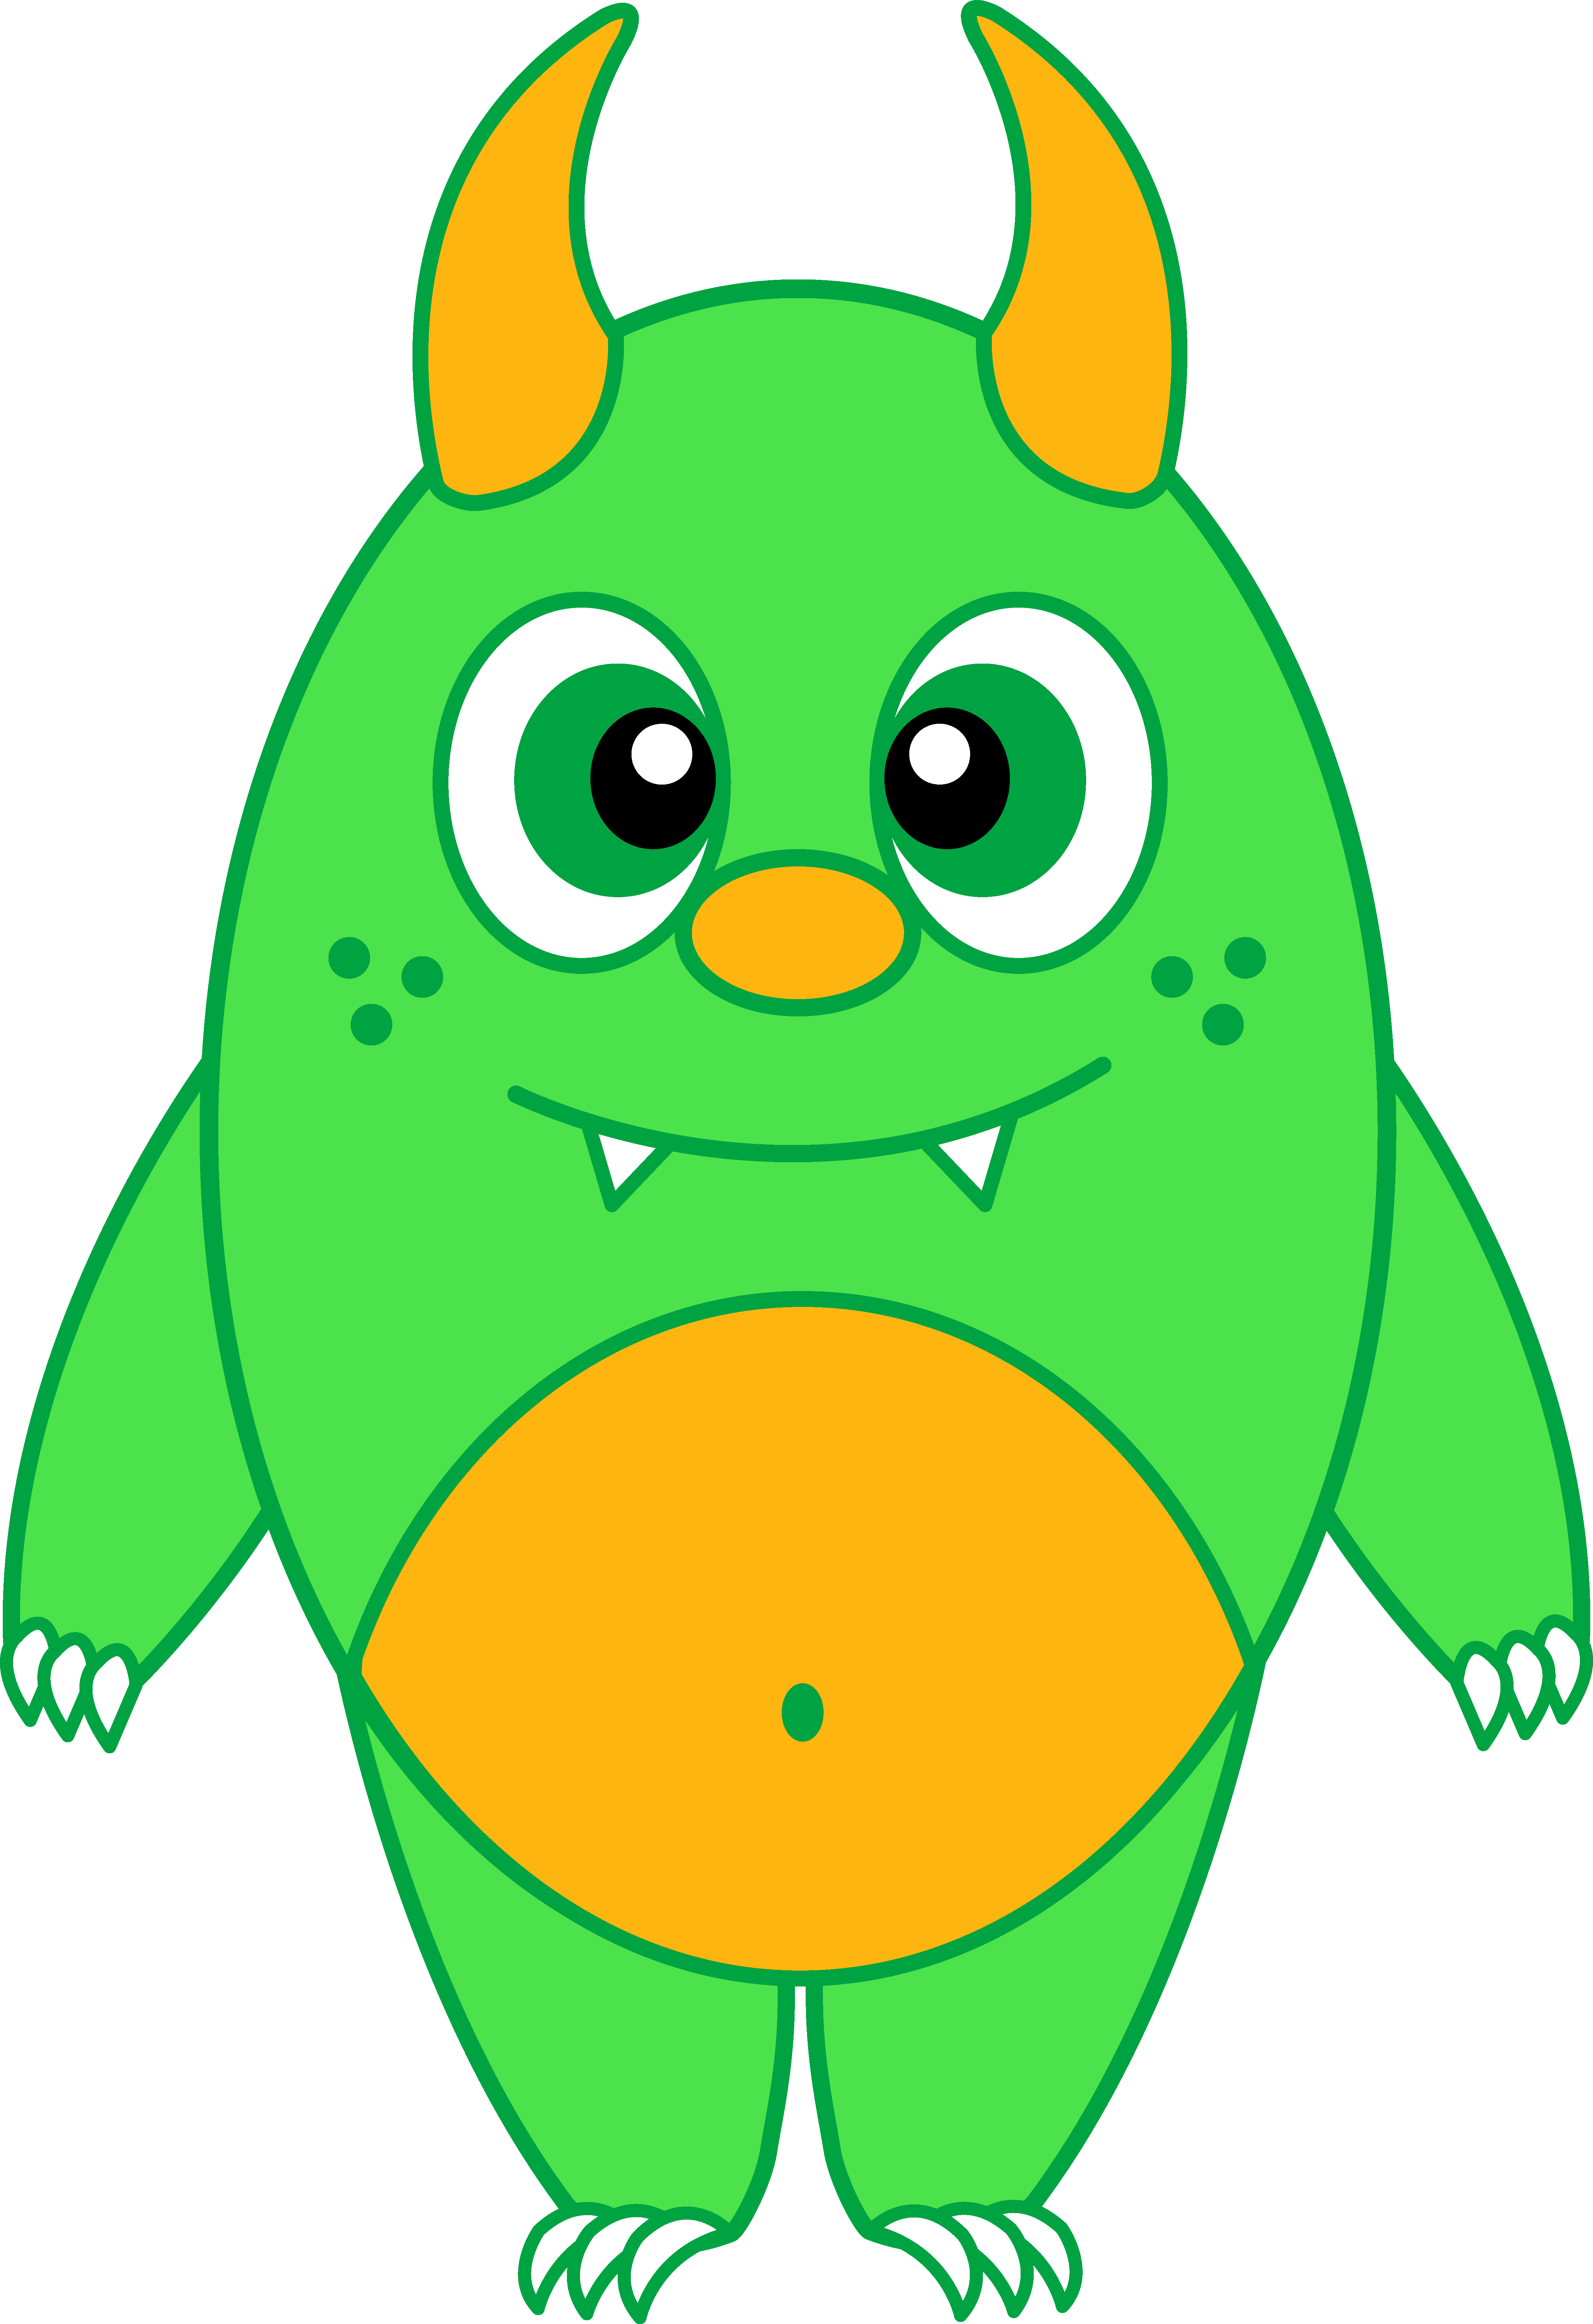 Monster clipart female monster. Silly green